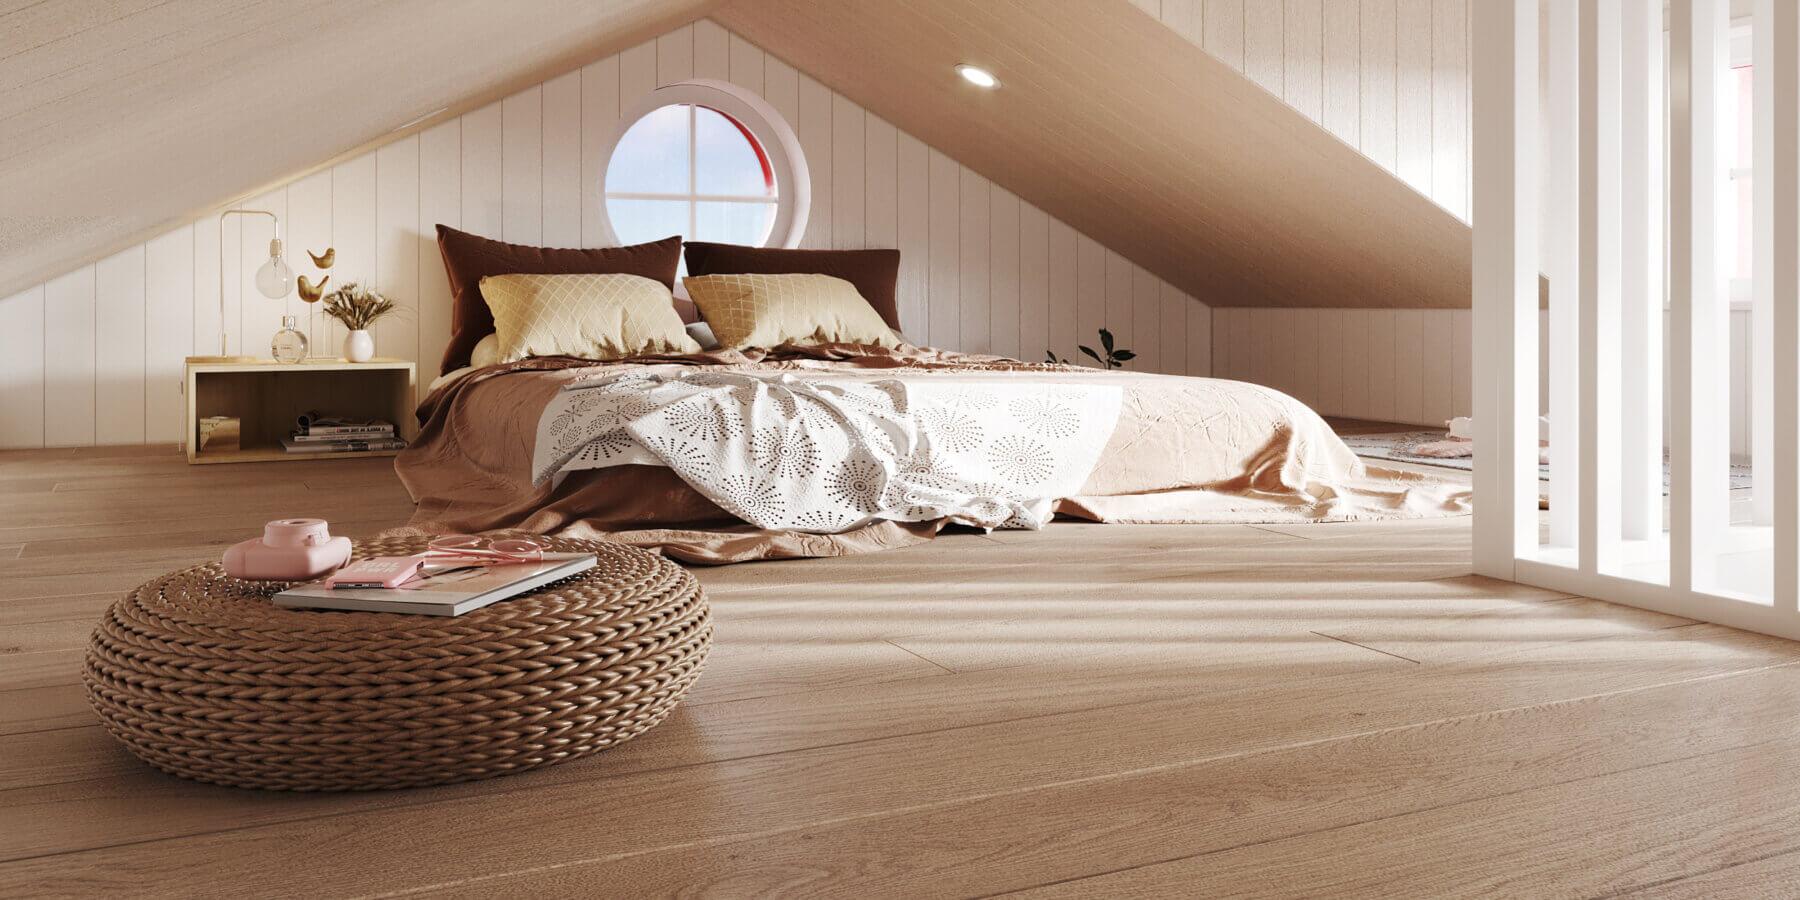 Attefallshus Klassisk rak 30.3 Interiör loft vardagsrum